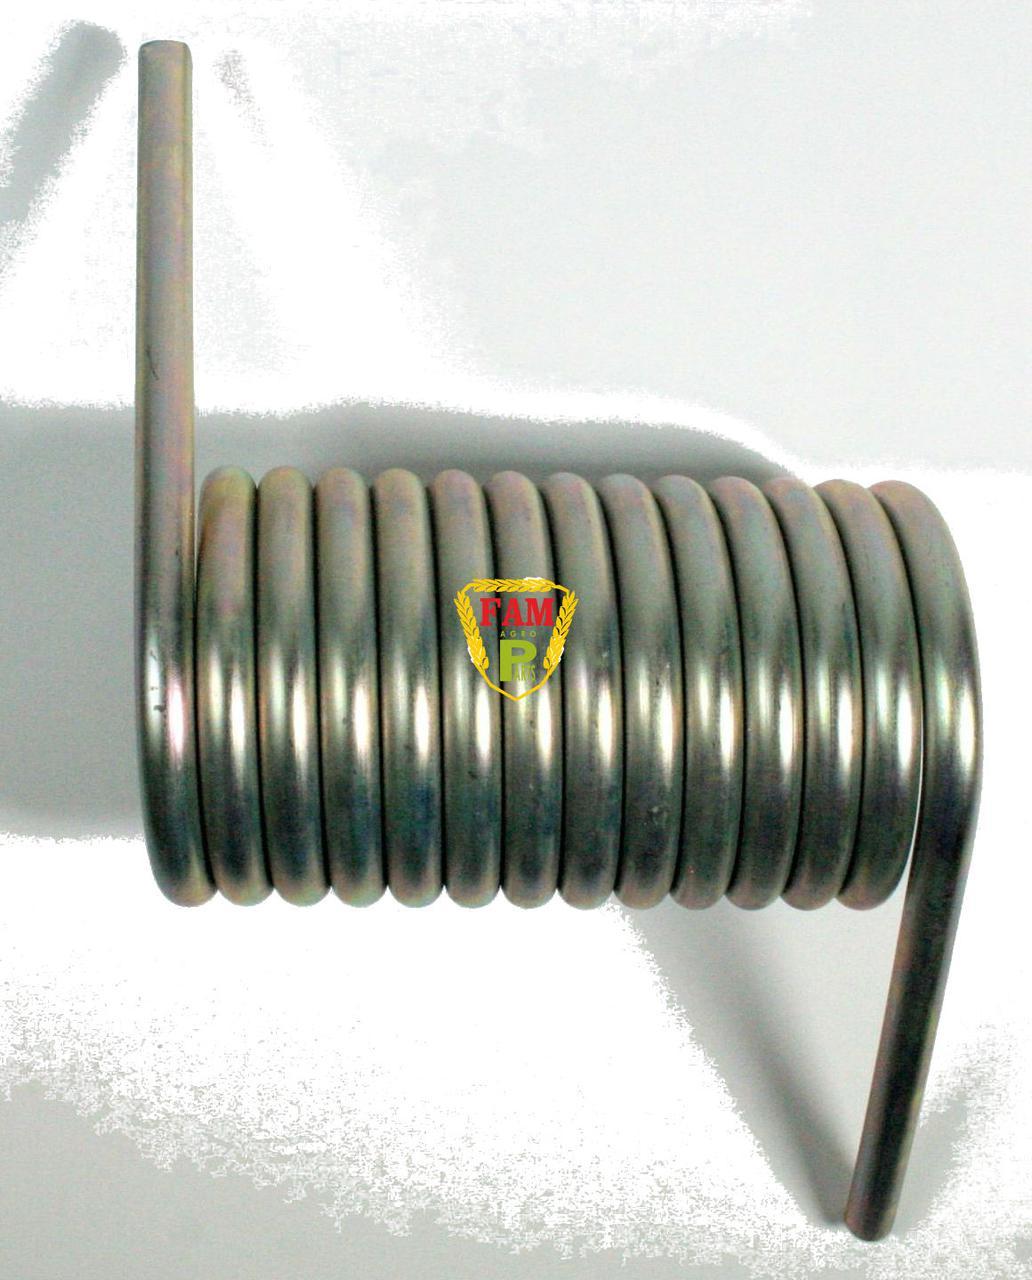 Пружина давления на переднем удобрителе колесной секции 10153071 Monosem, 9764 Monosem